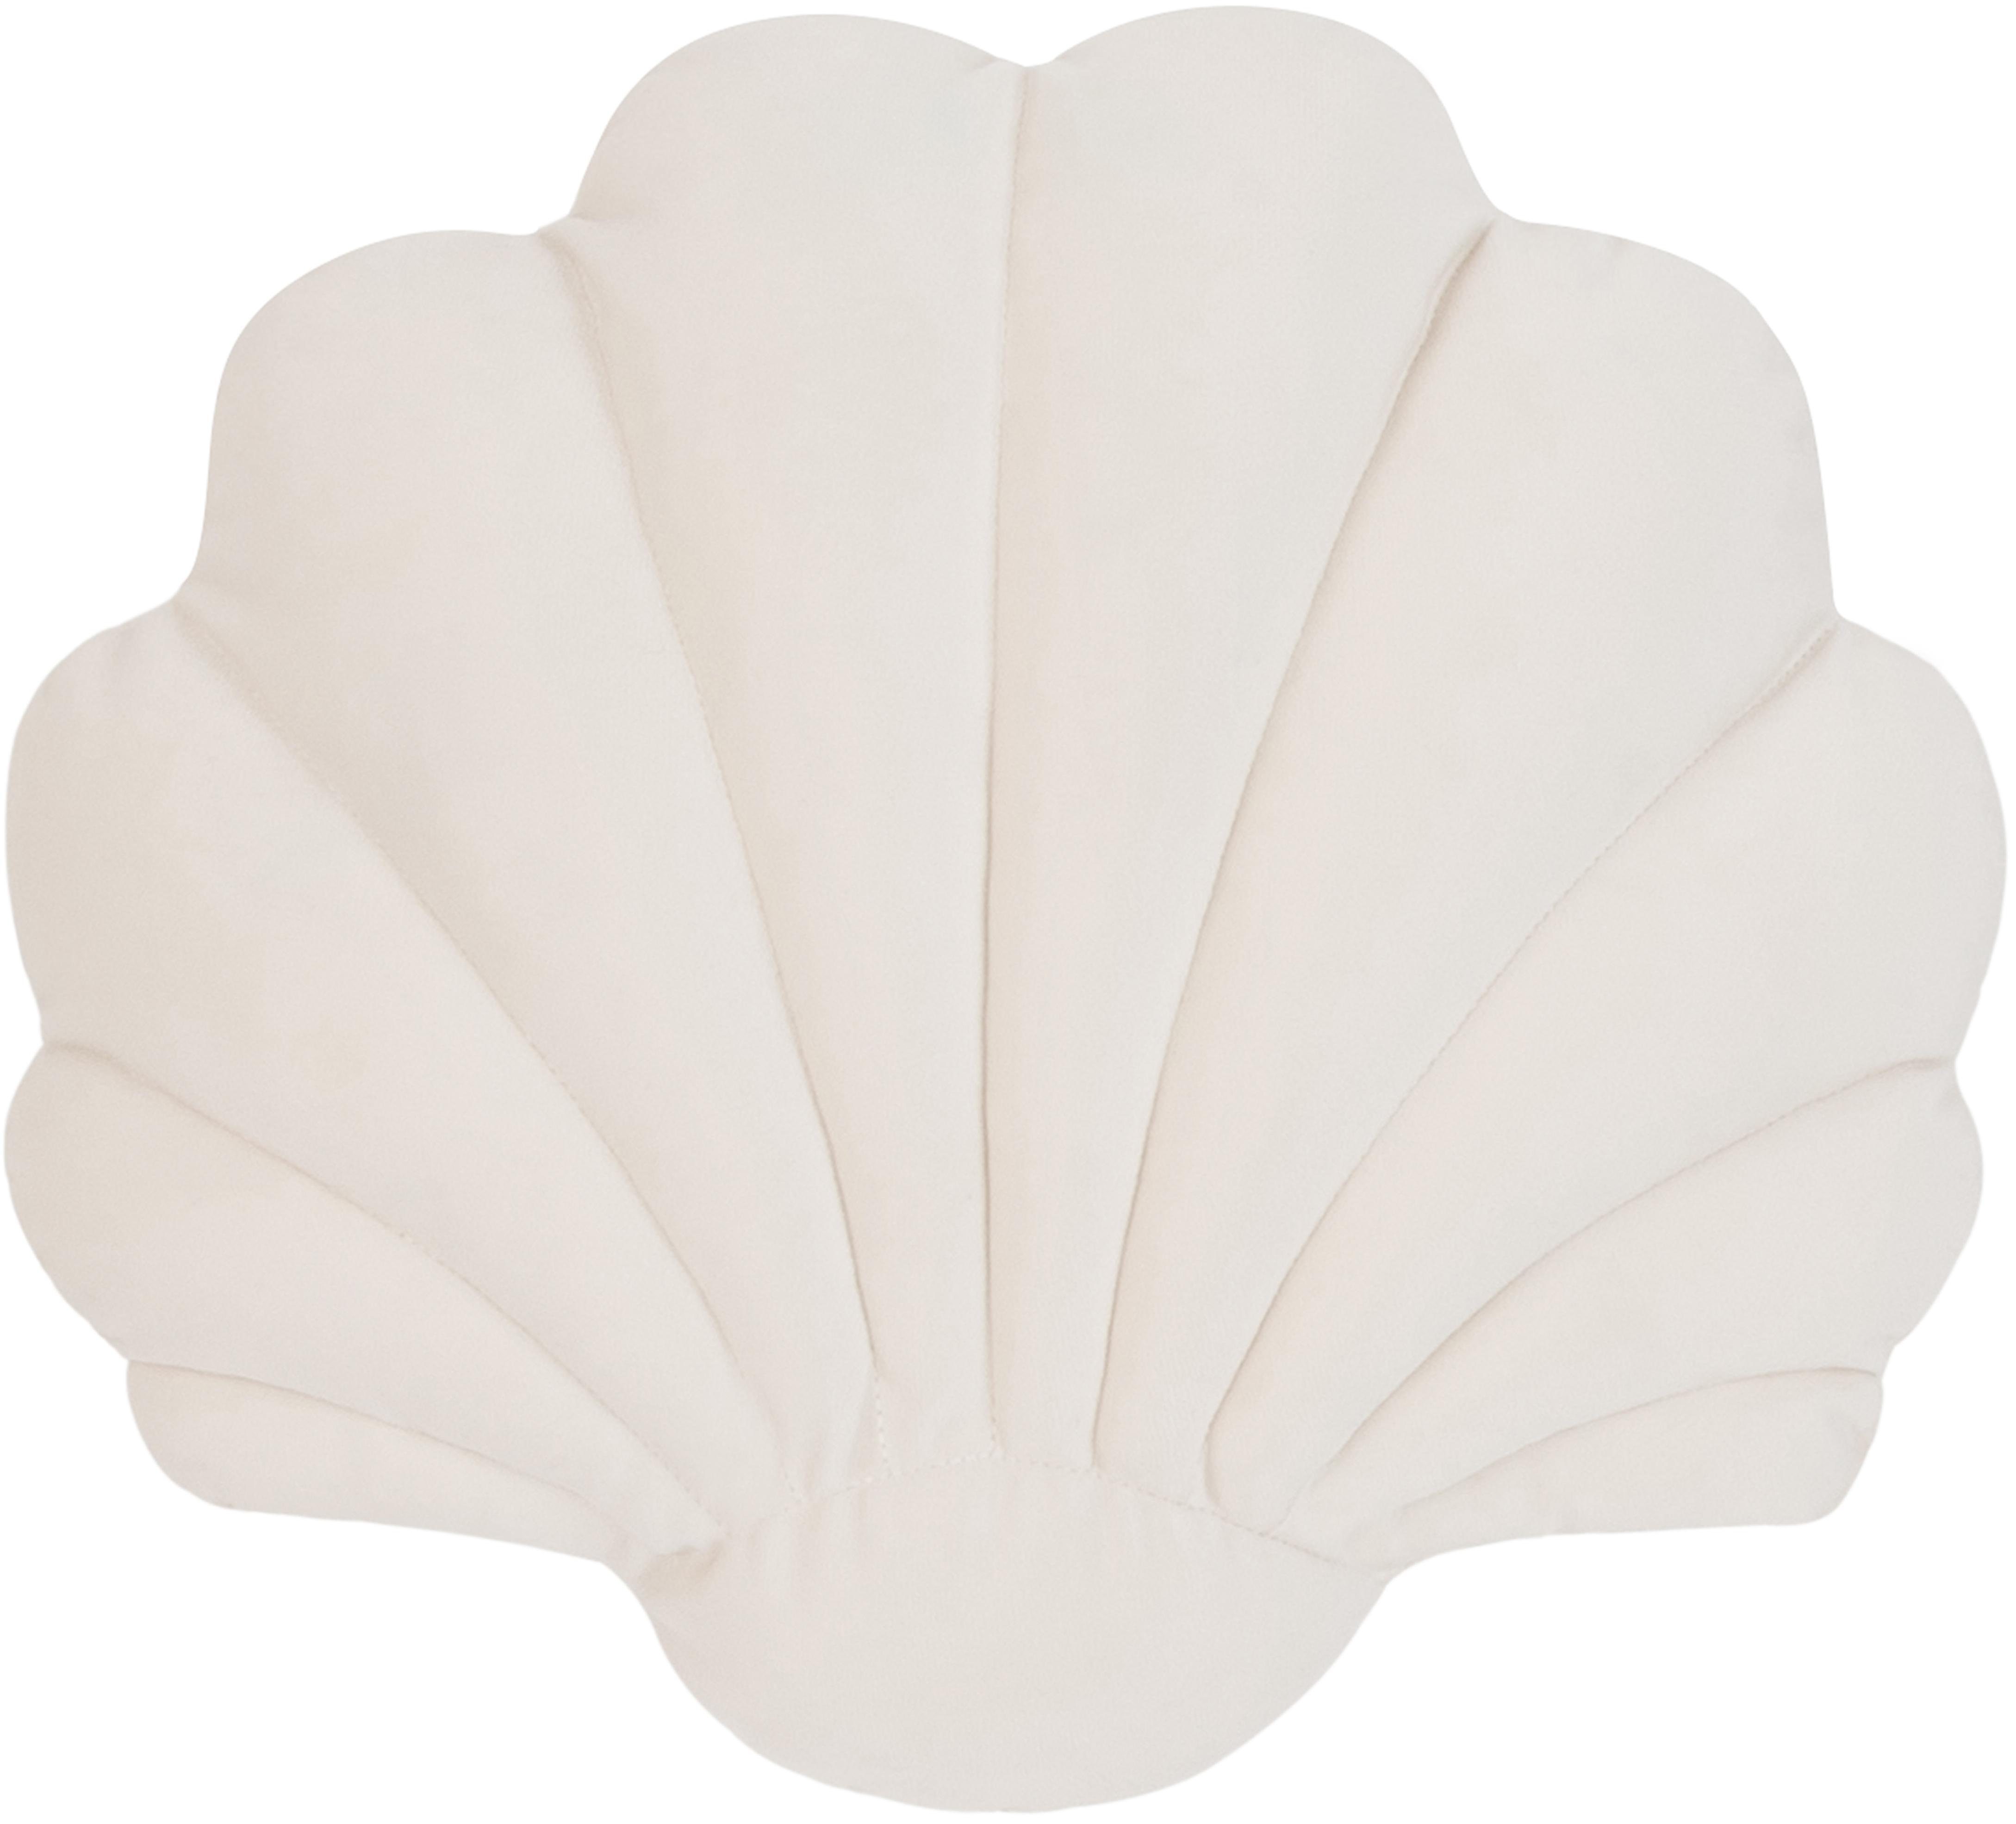 Cojín de terciopelo Shell, Parte delantera: 100%terciopelo de algodó, Parte trasera: 100%algodón, Blanco crema, An 28 x L 30 cm